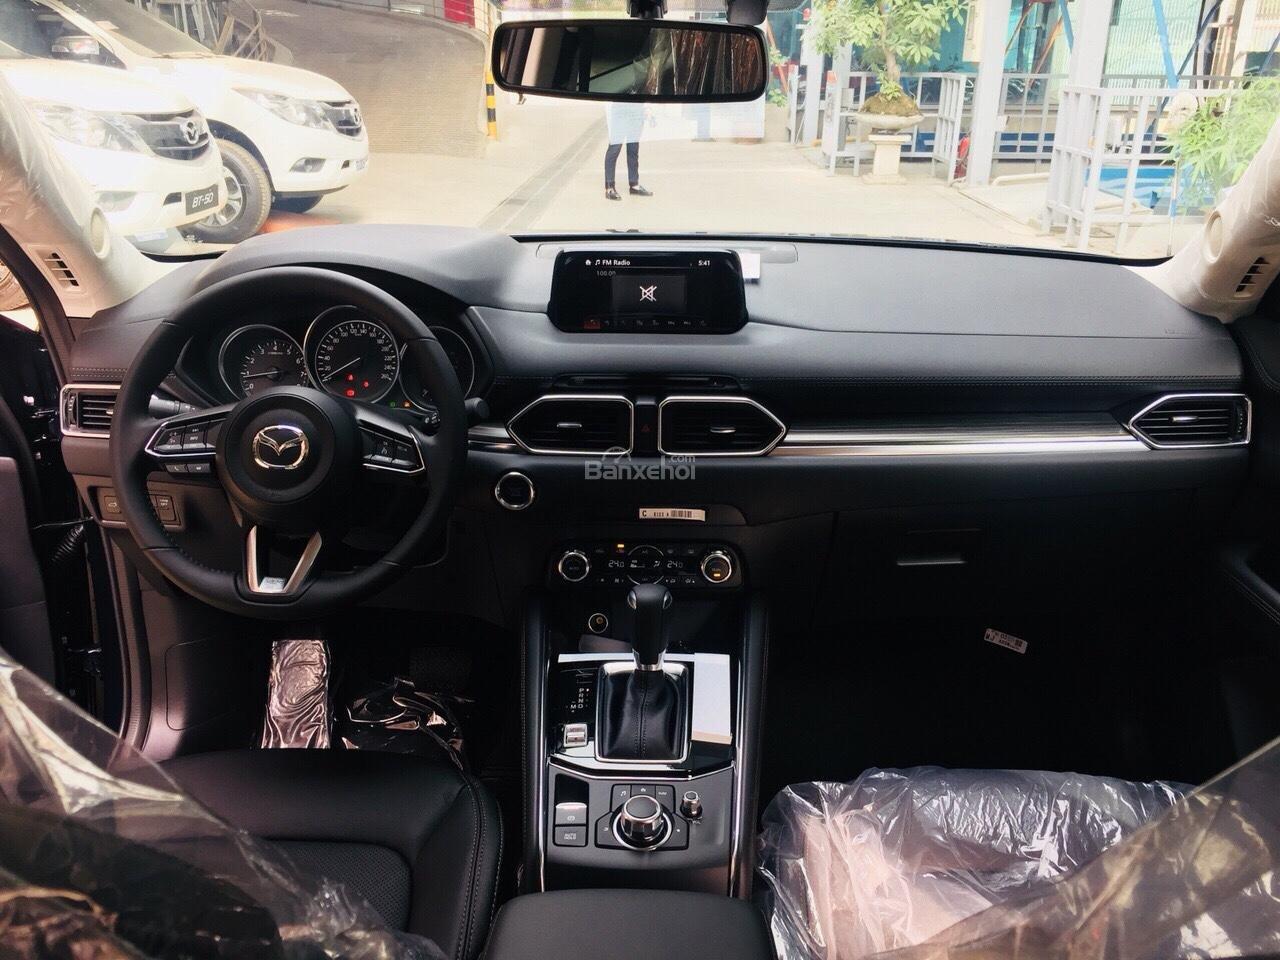 Bán Mazda CX5 giảm giá khủng đến 30tr + tặng nhiều phụ kiện có giá trị, hỗ trợ trả góp, lh 0948.12.02.88-7